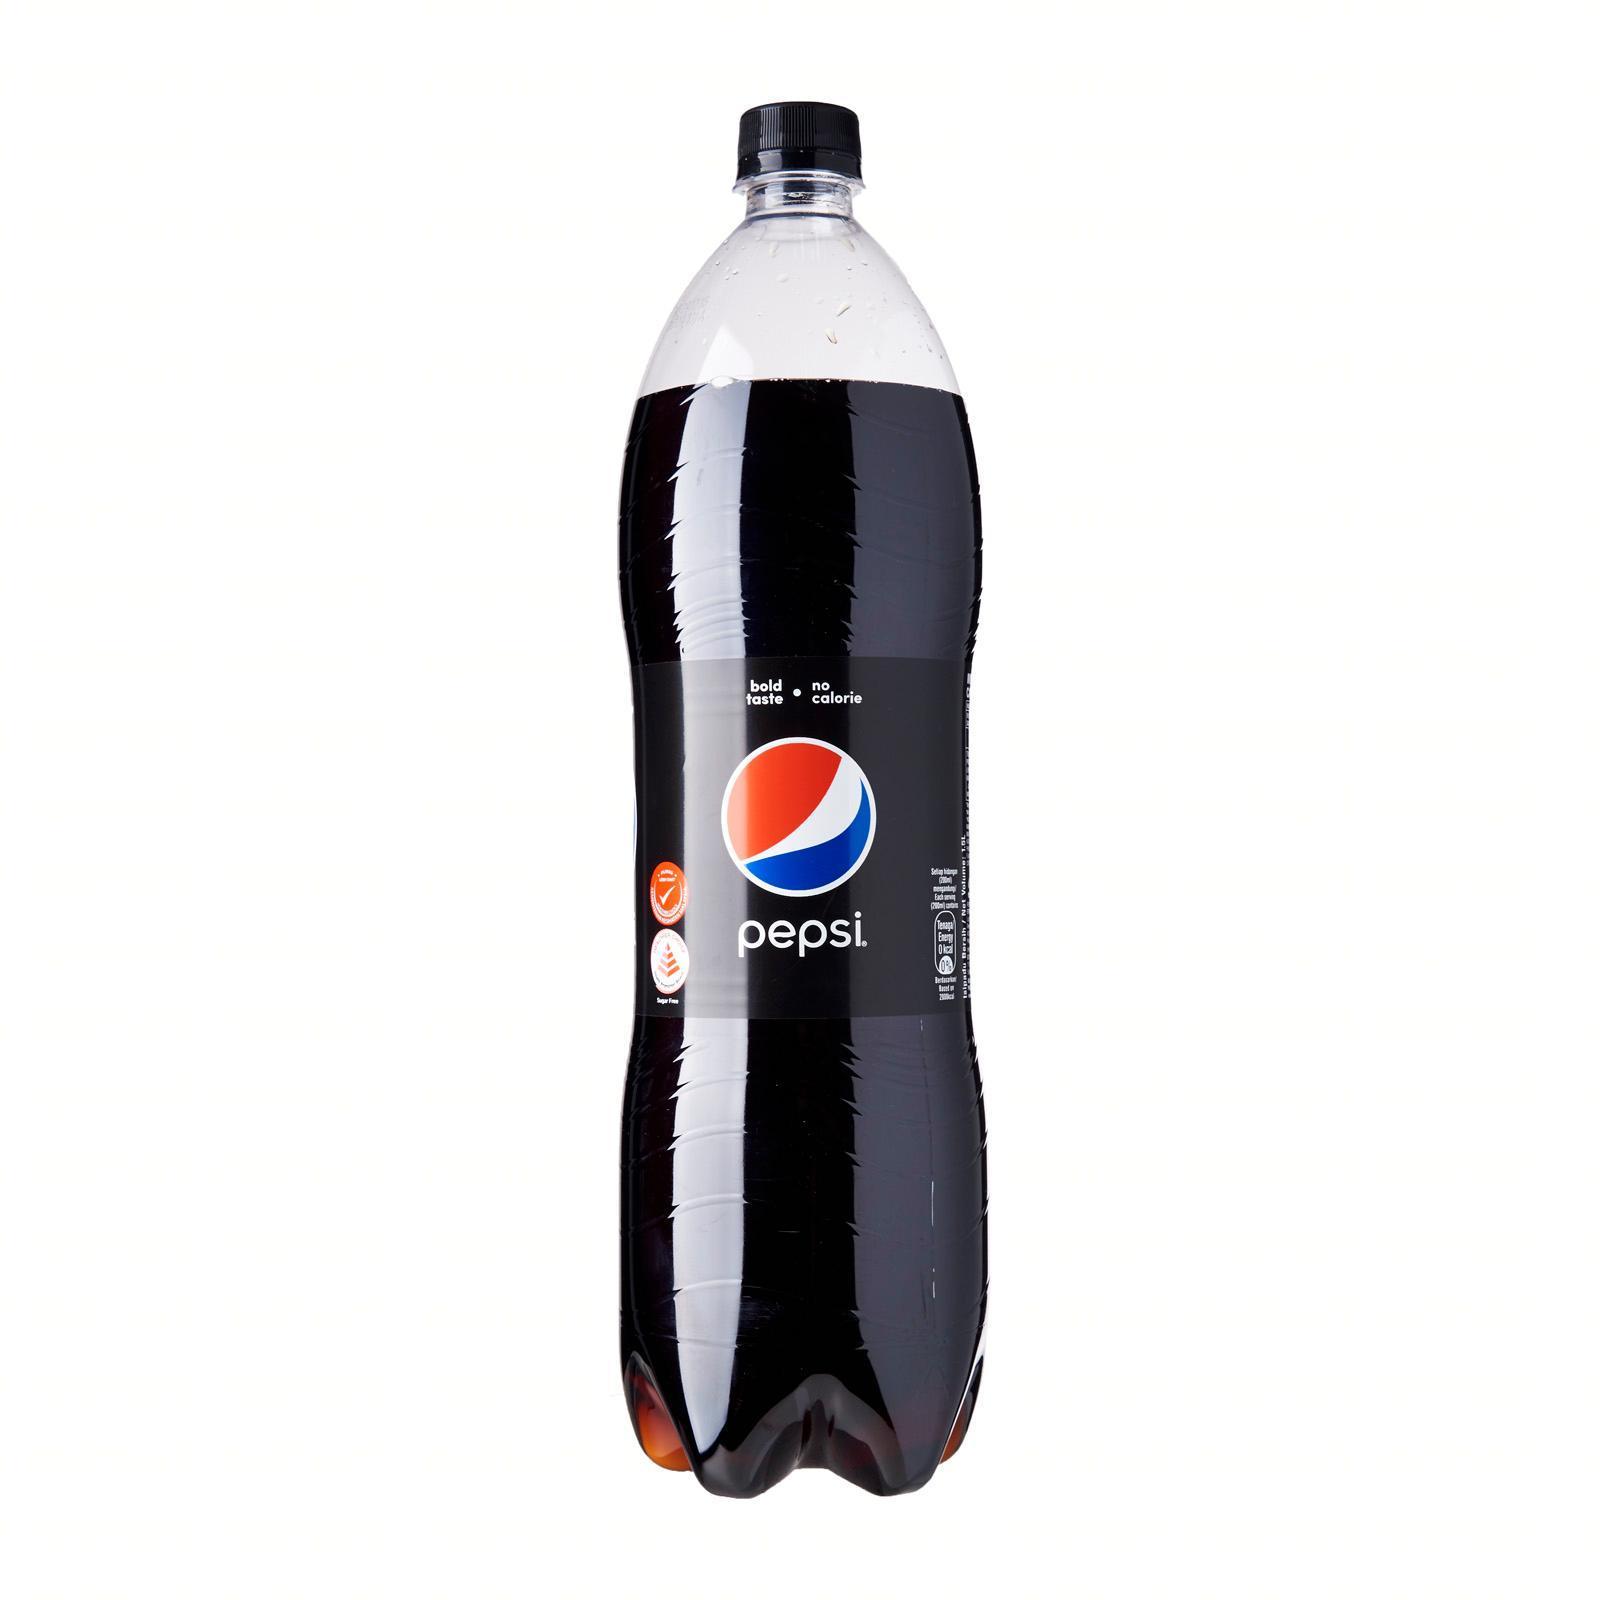 Pepsi Black 1.5 L